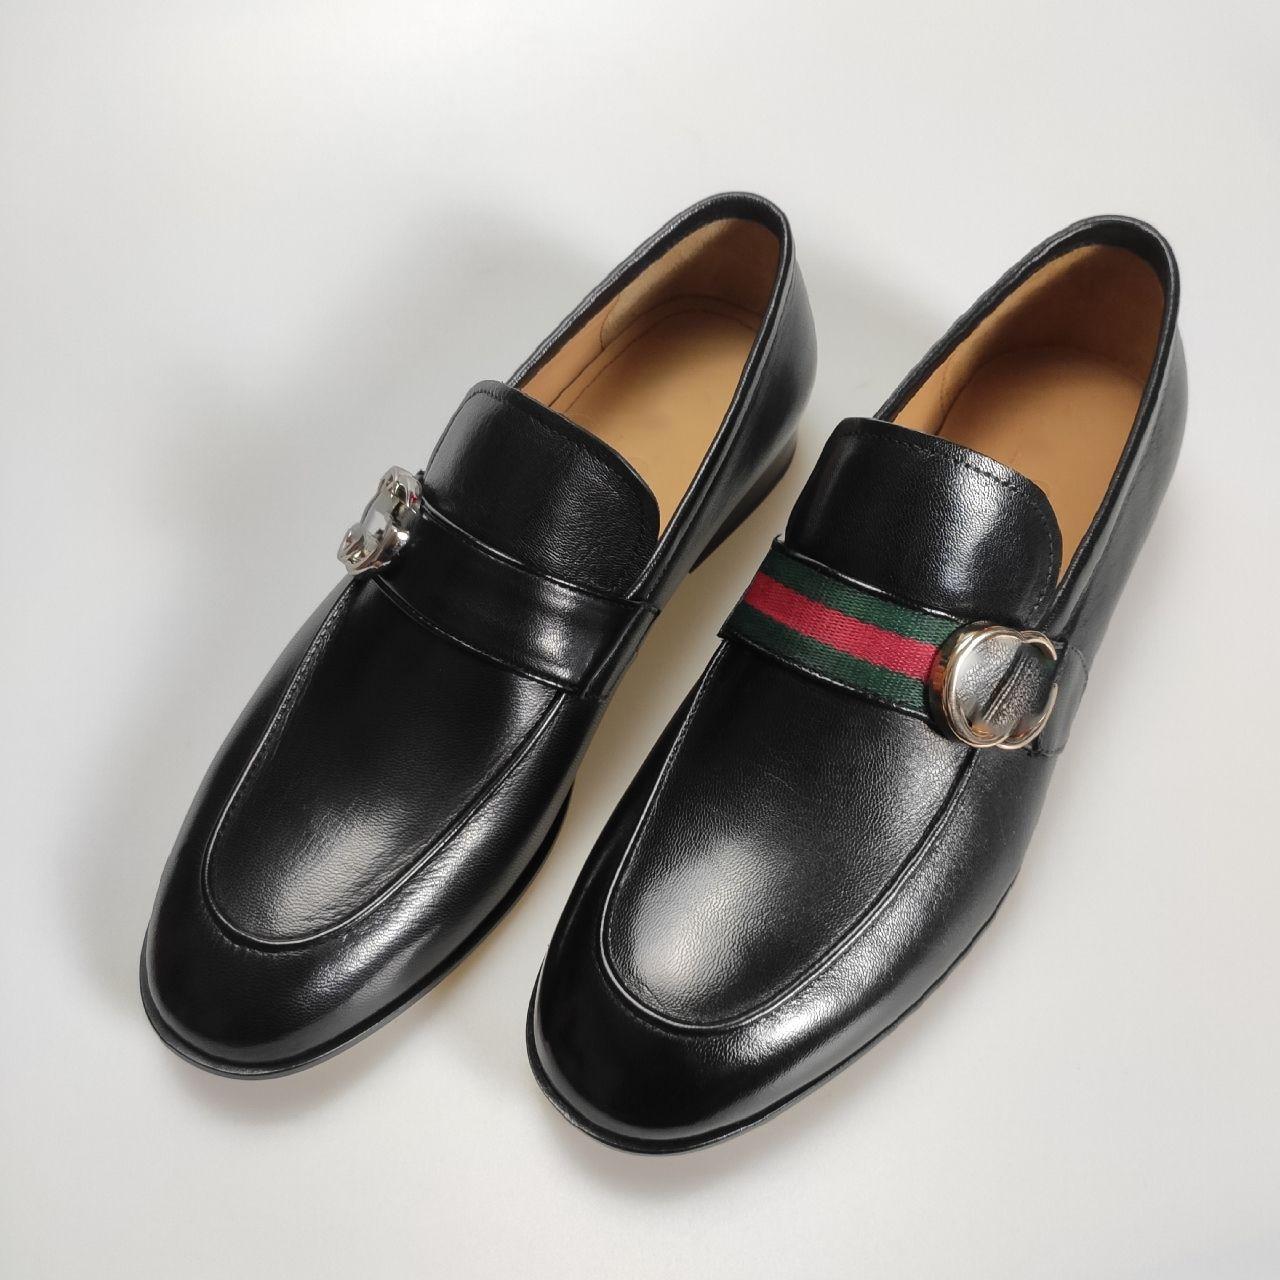 21 الربيع سلسلة Lefu الأحذية ، الراقية الرجال الأعمال الرسمية أحذية من الجلد ،